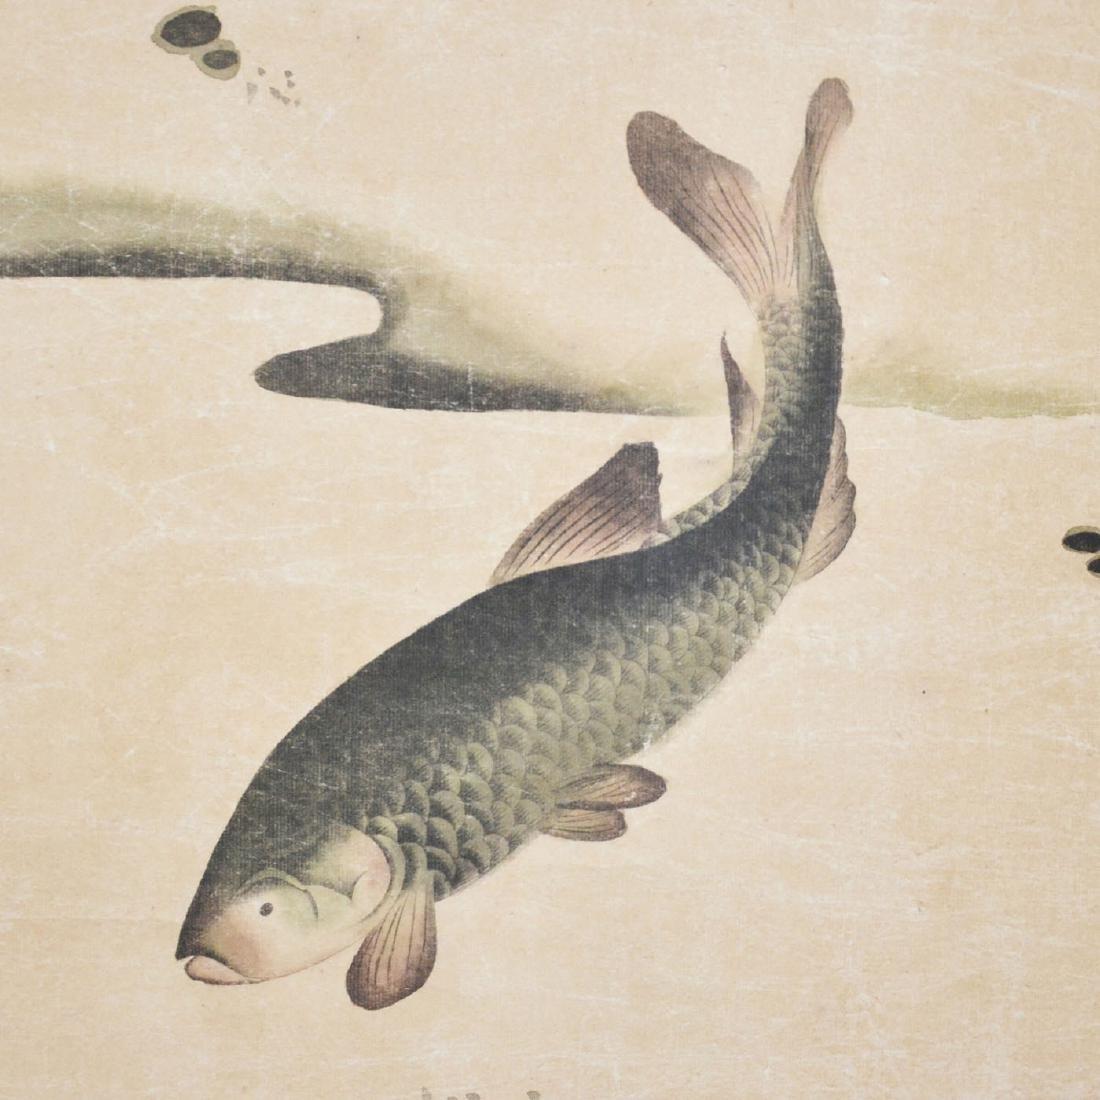 Miao Jiahui Qing Dynasty Fish in Merriment - 4